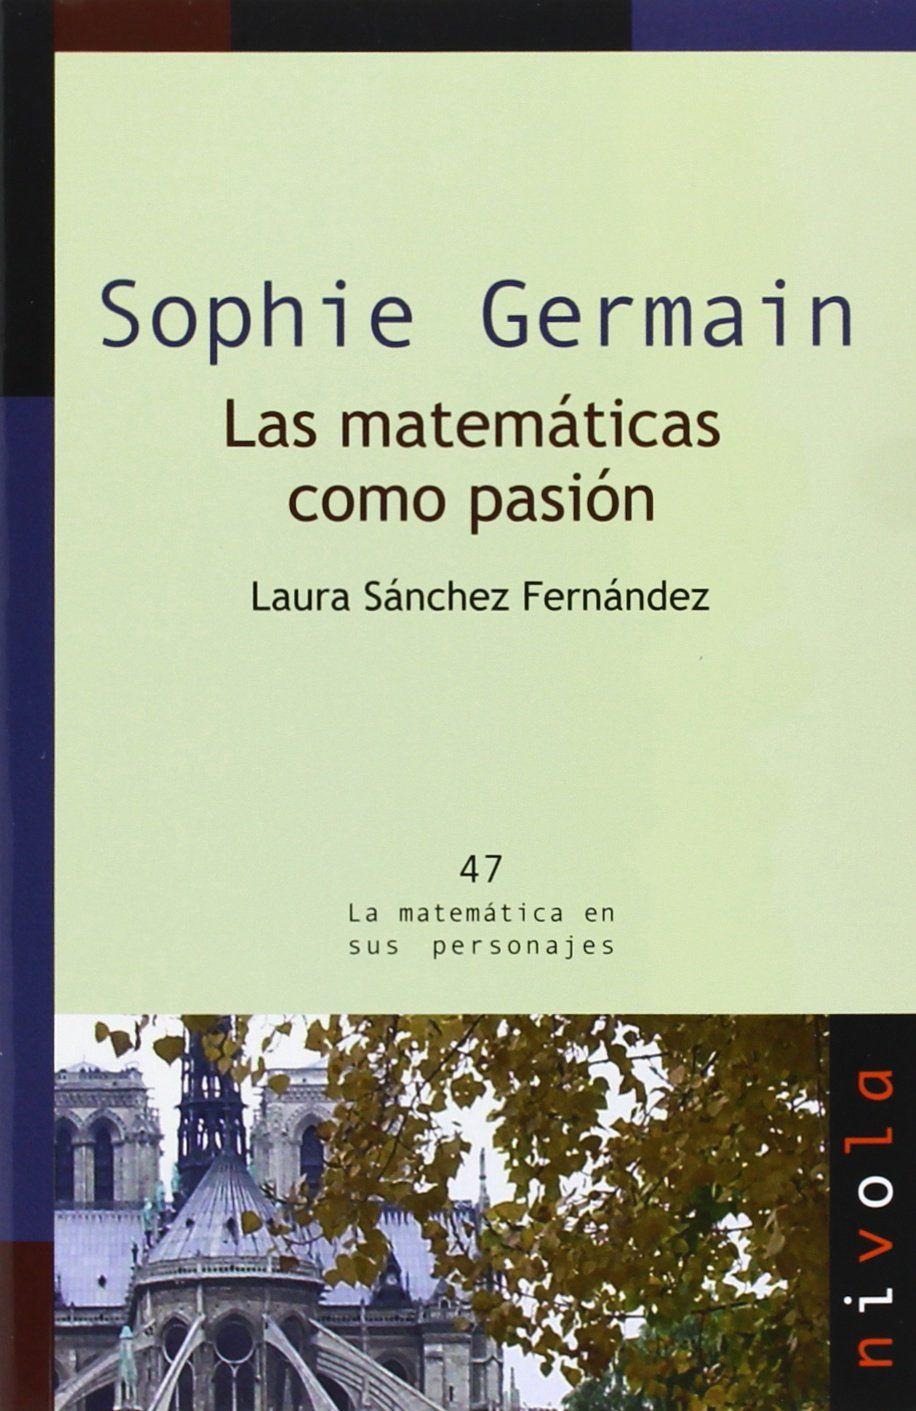 SOPHIE GERMAIN. LAS MATEMÁTICAS COMO PASIÓN